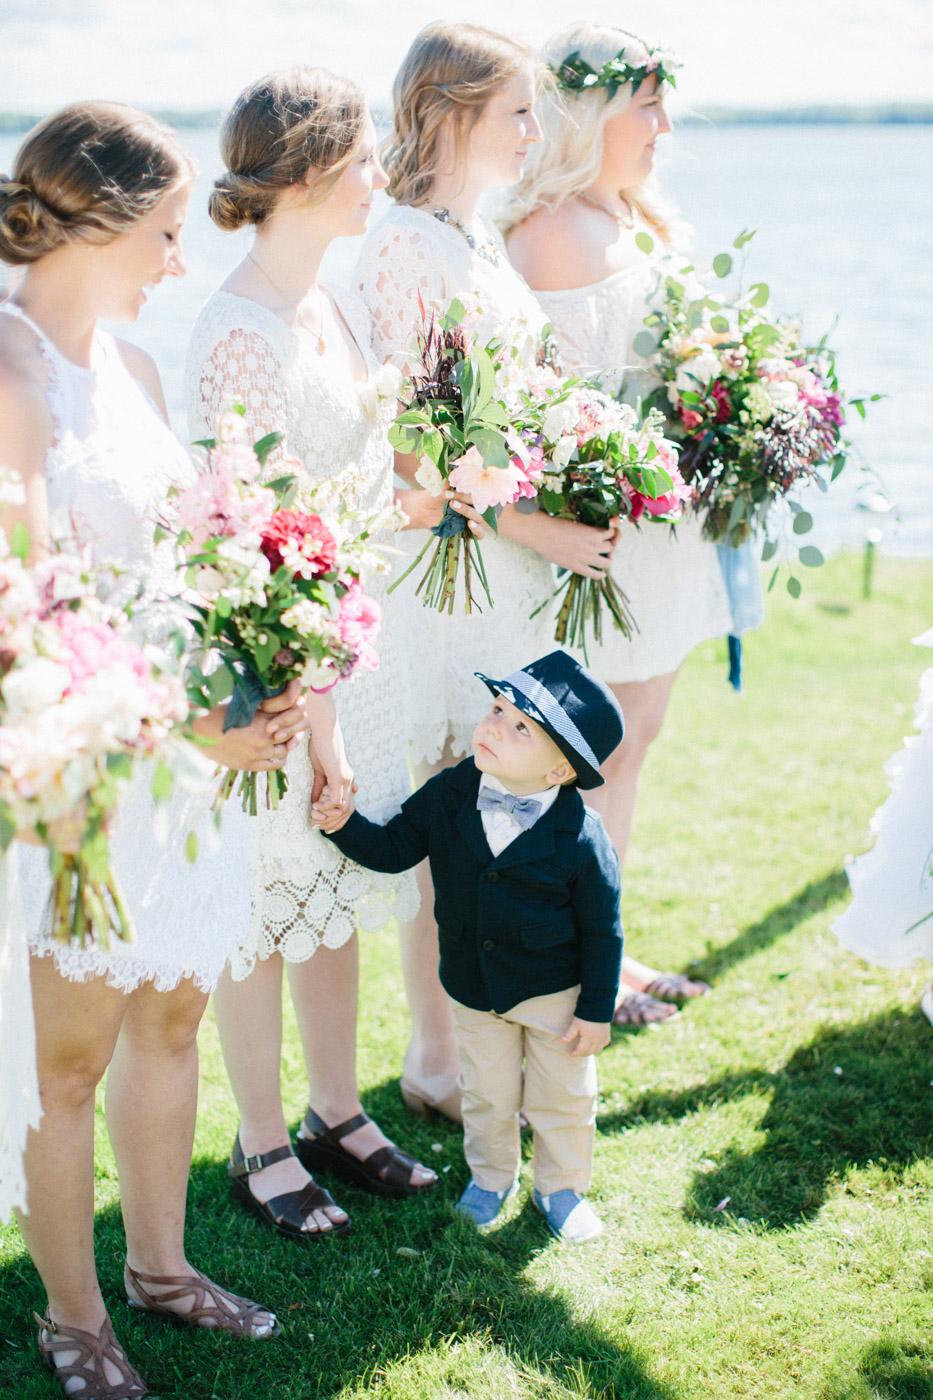 toronto_wedding_photographer_backyard_wedding-17.jpg